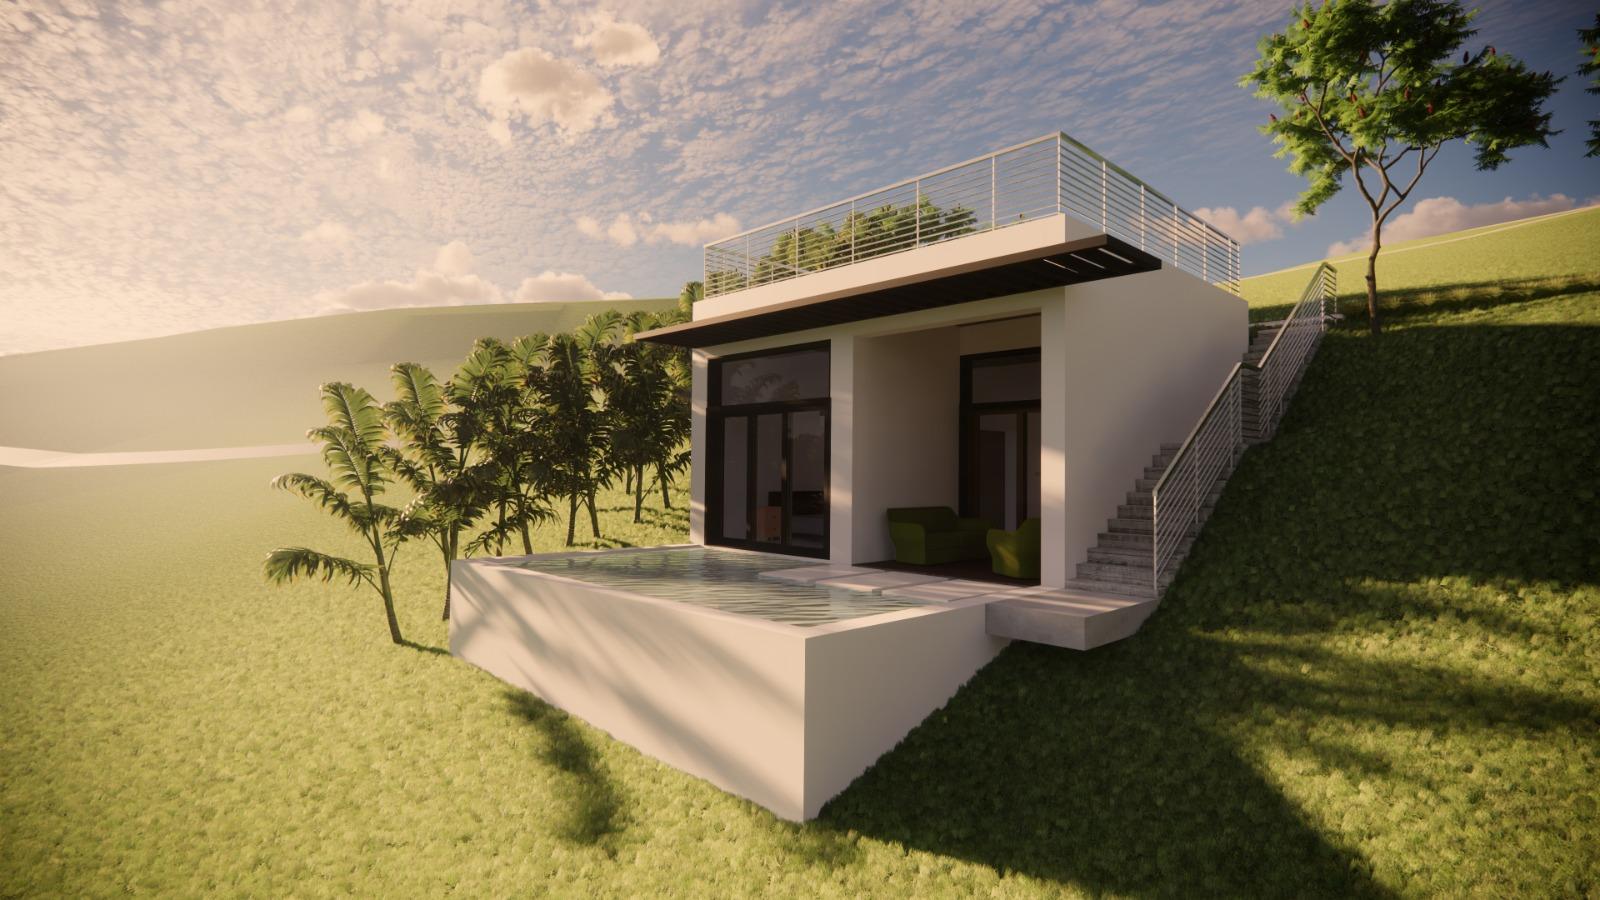 Rental Villa Exterior